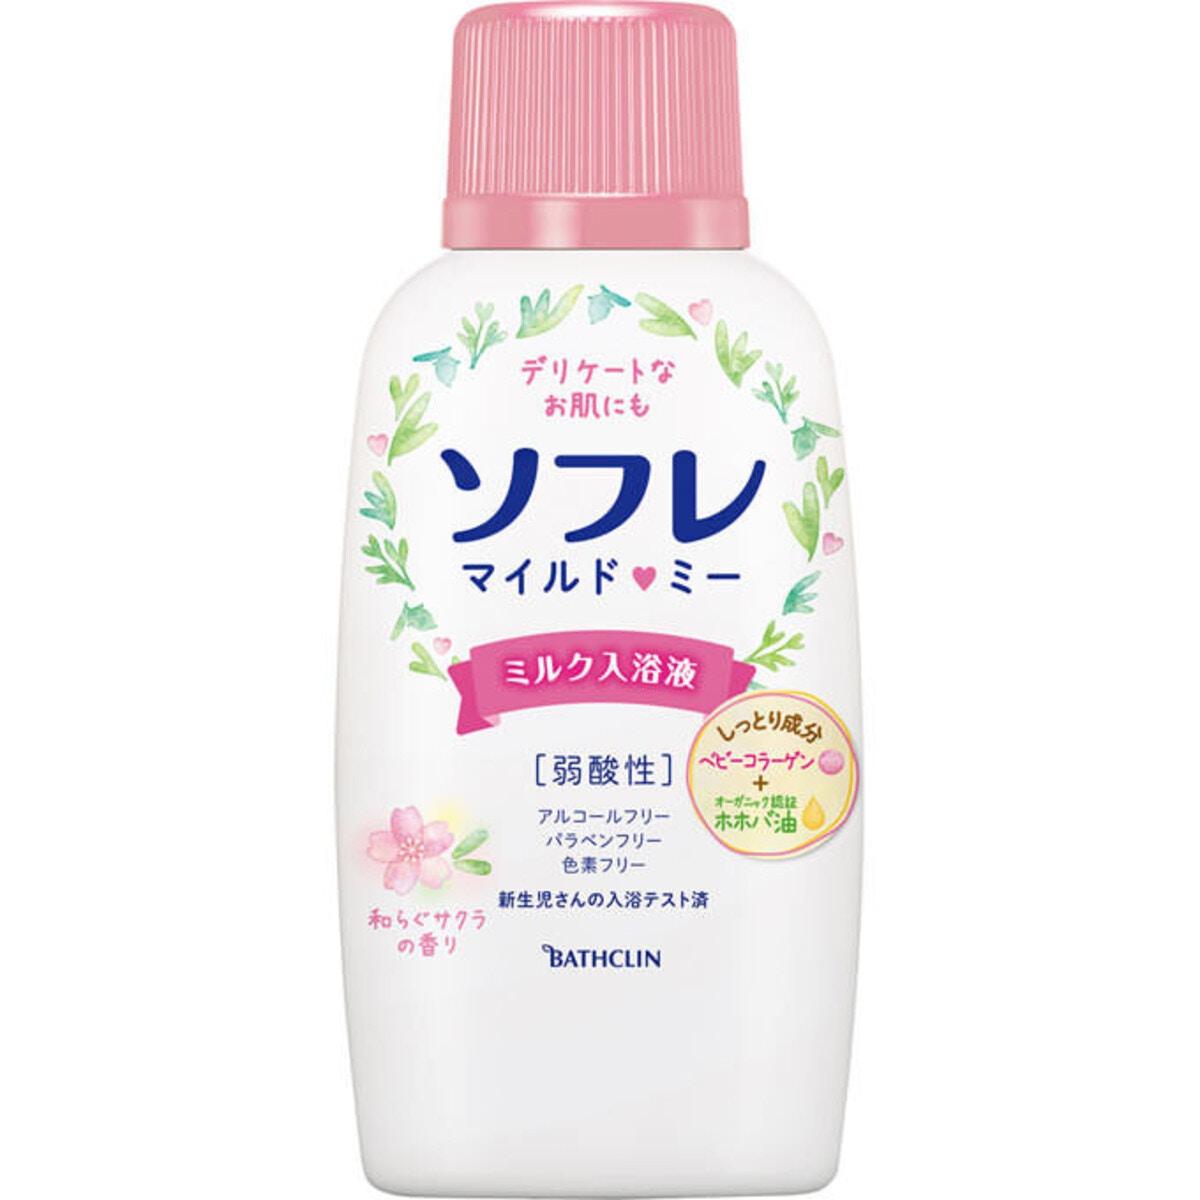 バスクリン ソフレマイルド・ミー ミルク入浴液 和らぐサクラの香り 720ml